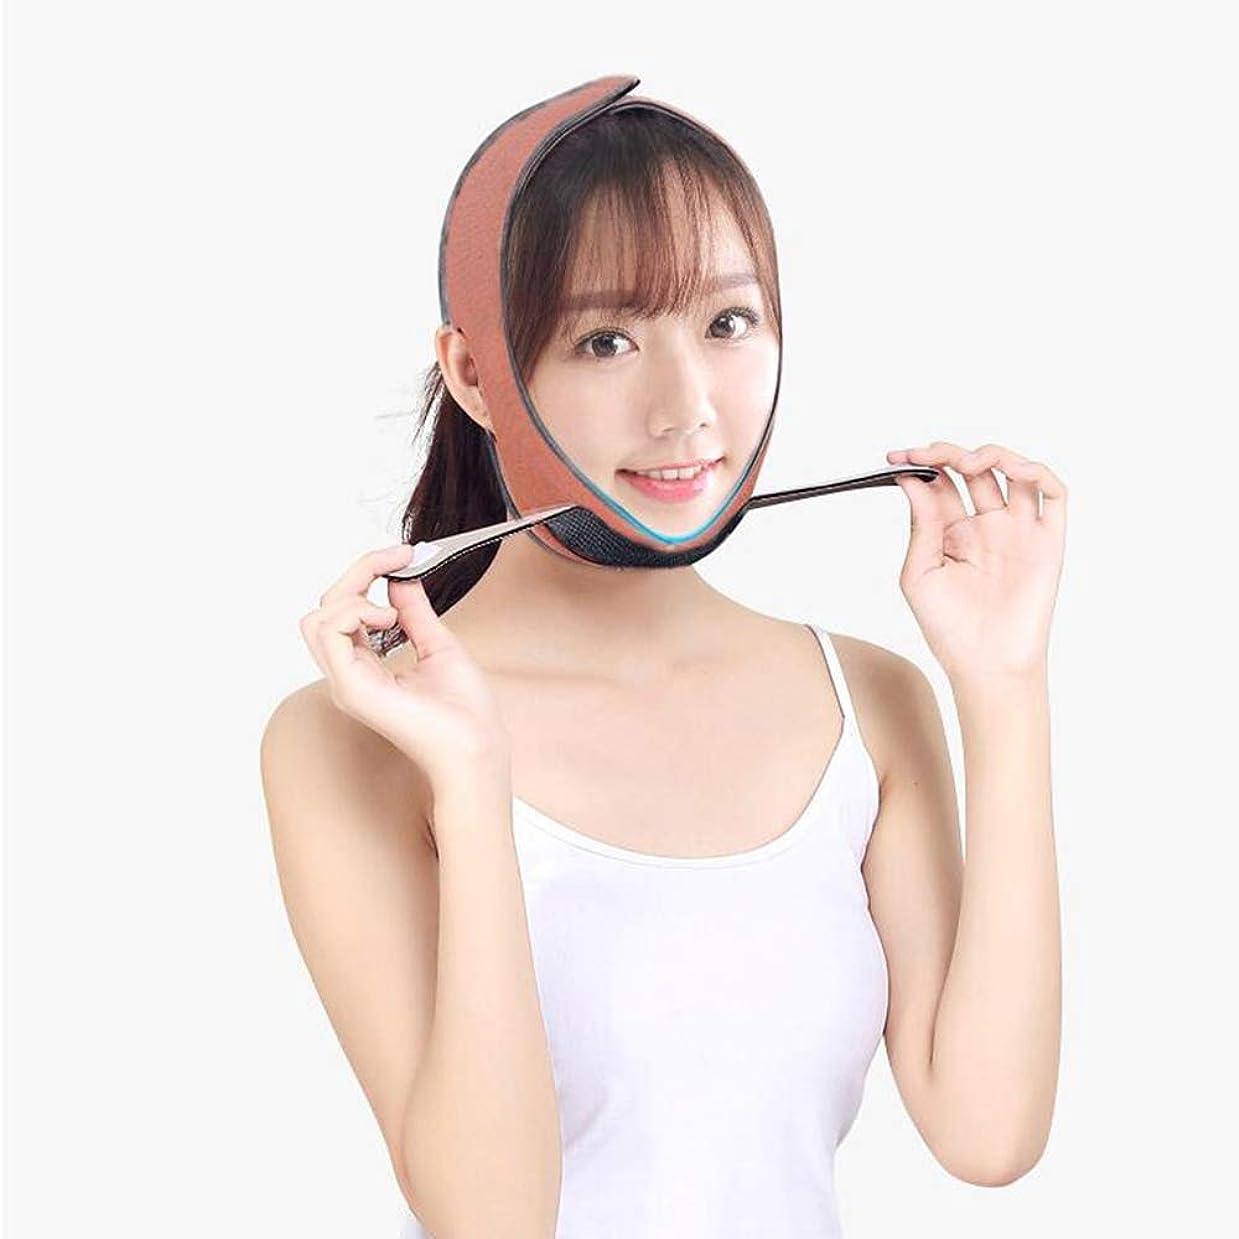 ブラウズスリップシューズスカイGYZ フェイシャルリフティングスリミングベルト - 薄いフェイス包帯Vフェイス包帯マスクフェイシャルマッサージャー無料整形マスク顔と首の顔を引き締めますスリム Thin Face Belt